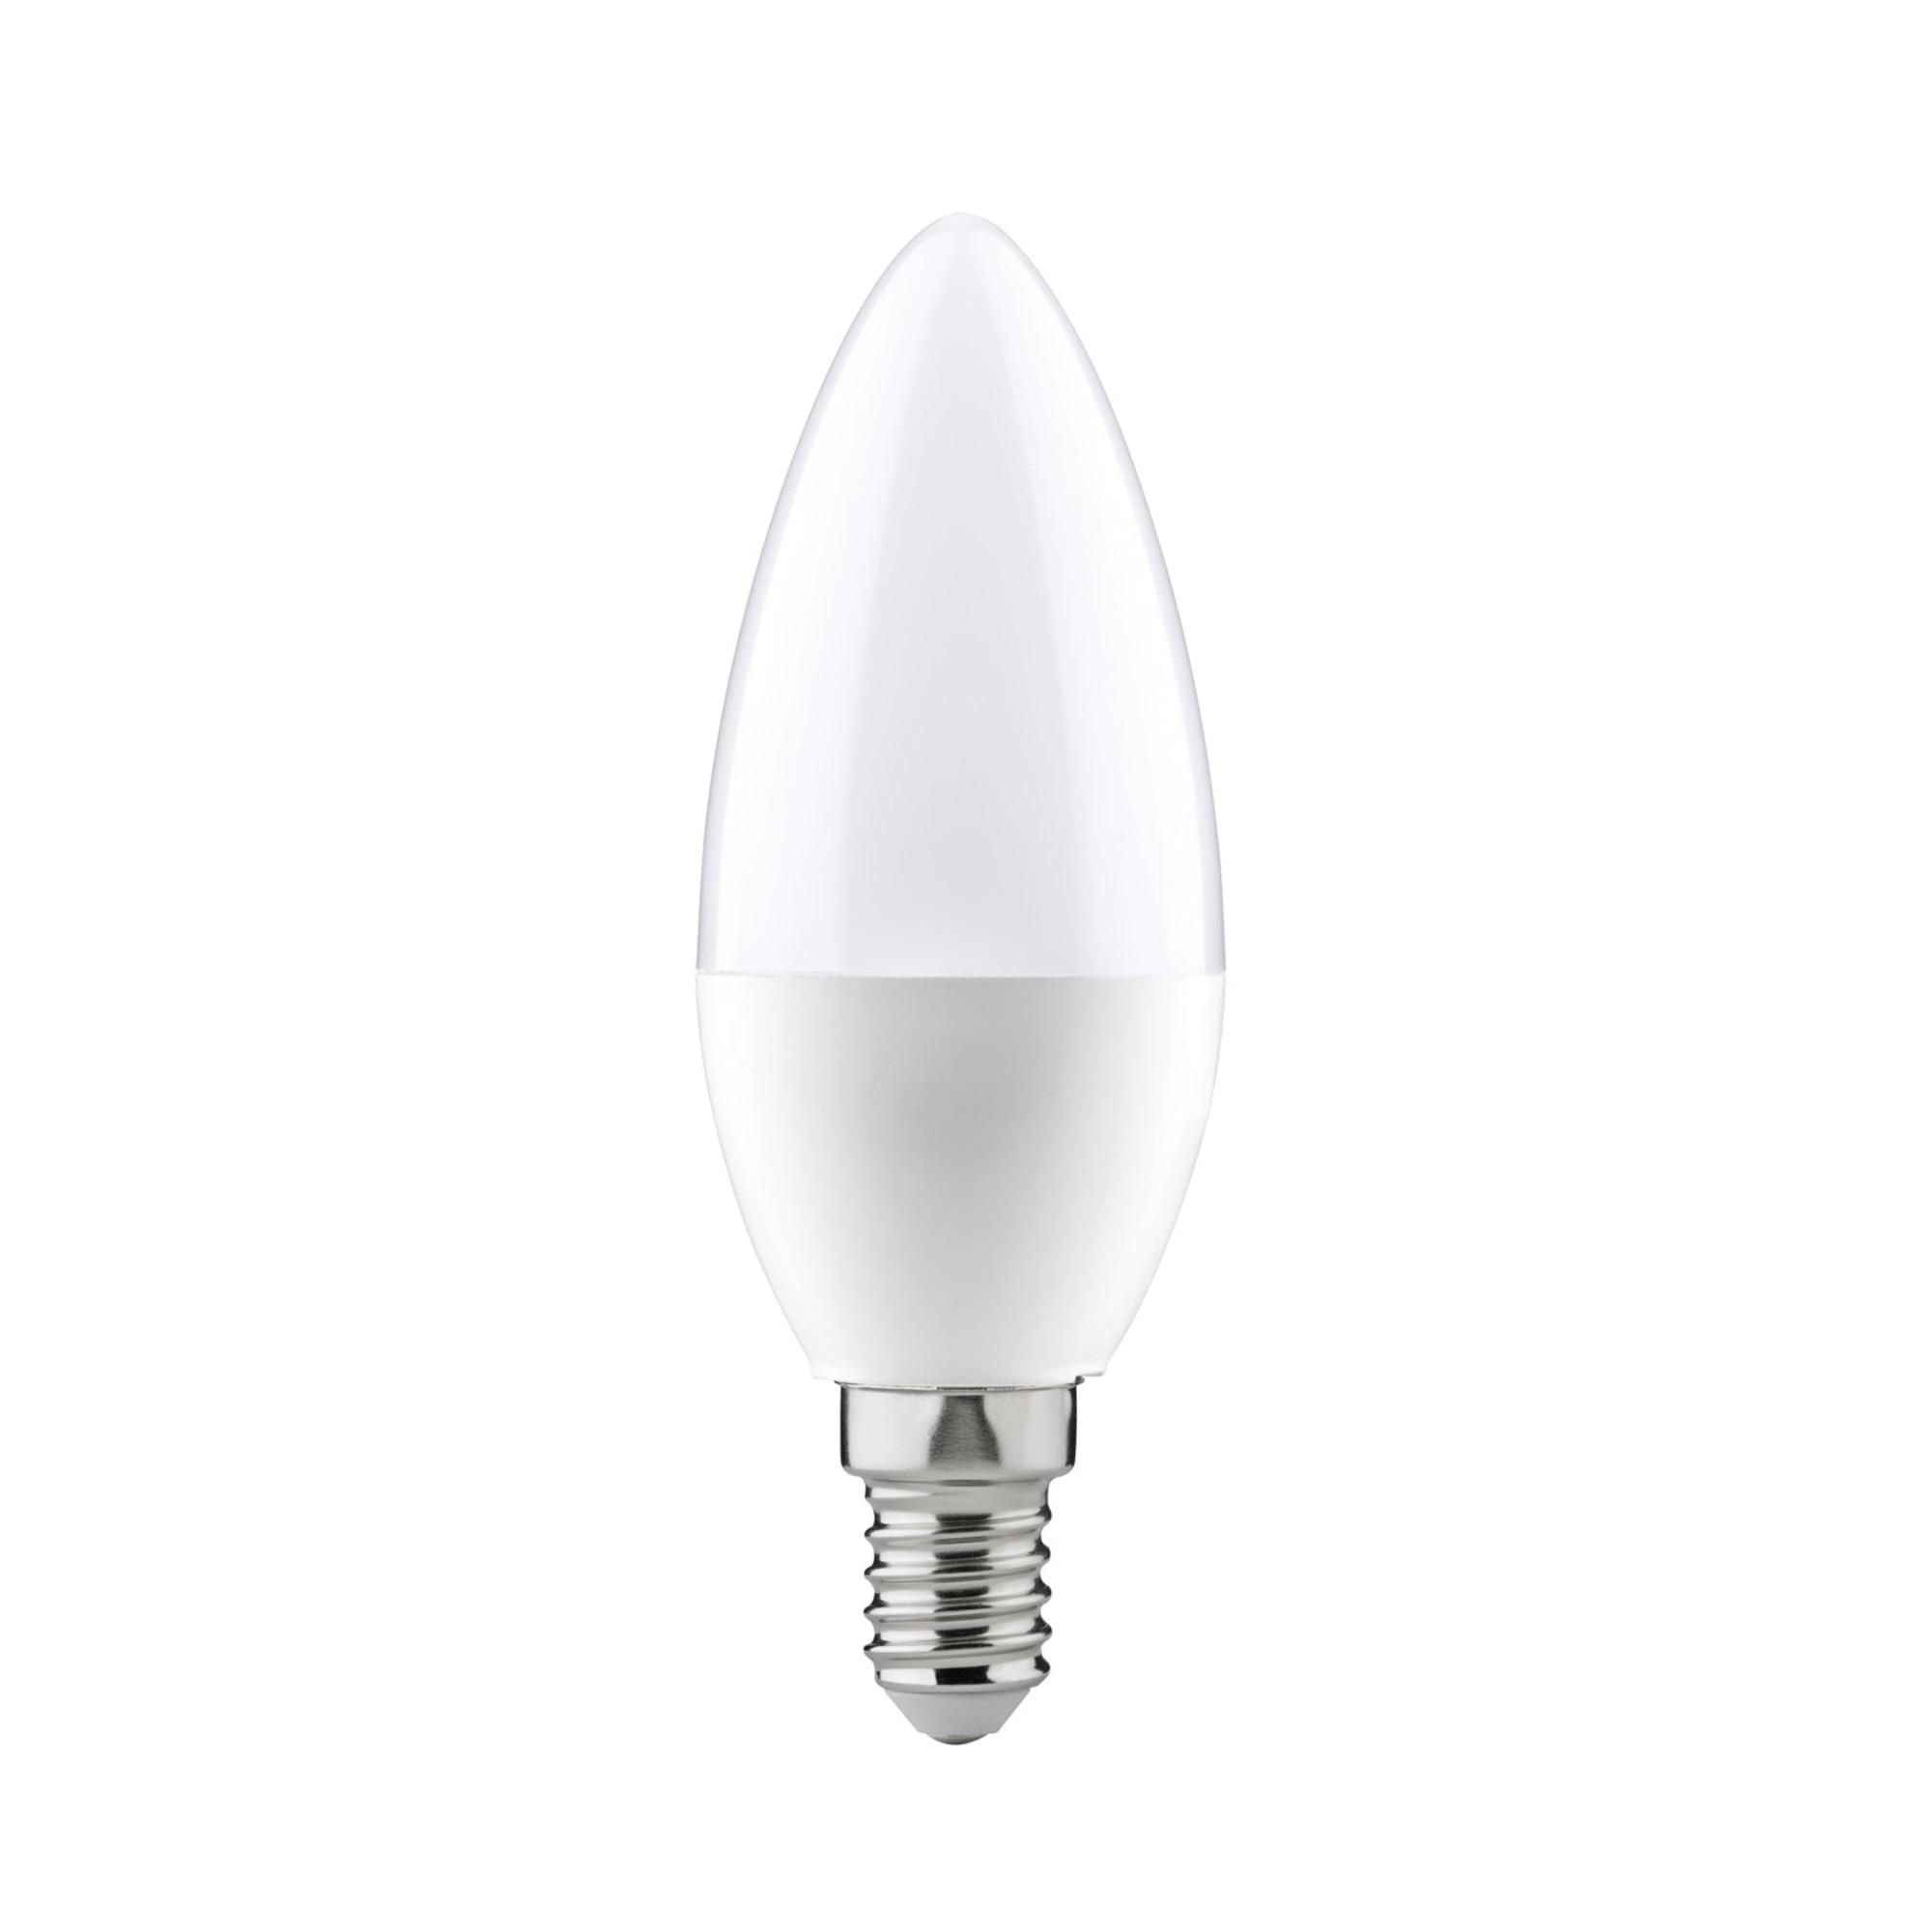 Лампа Paulmann 28292 E14 470 Лм теплый свет